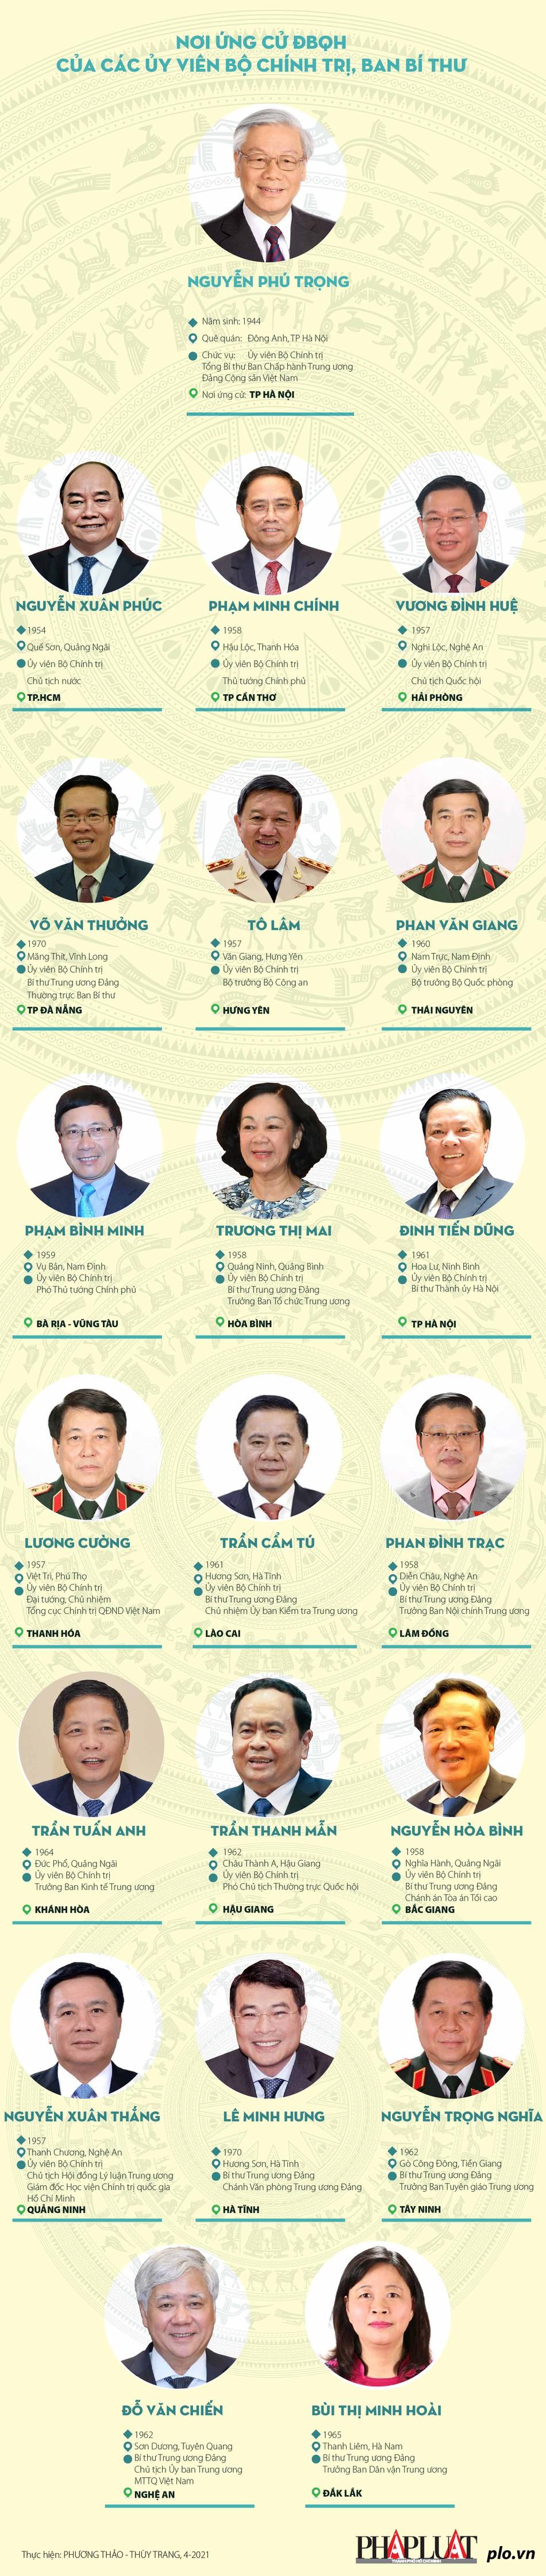 Các Ủy viên Bộ Chính trị, Ban Bí thư ứng cử ĐBQH ở đâu? - hình ảnh 1